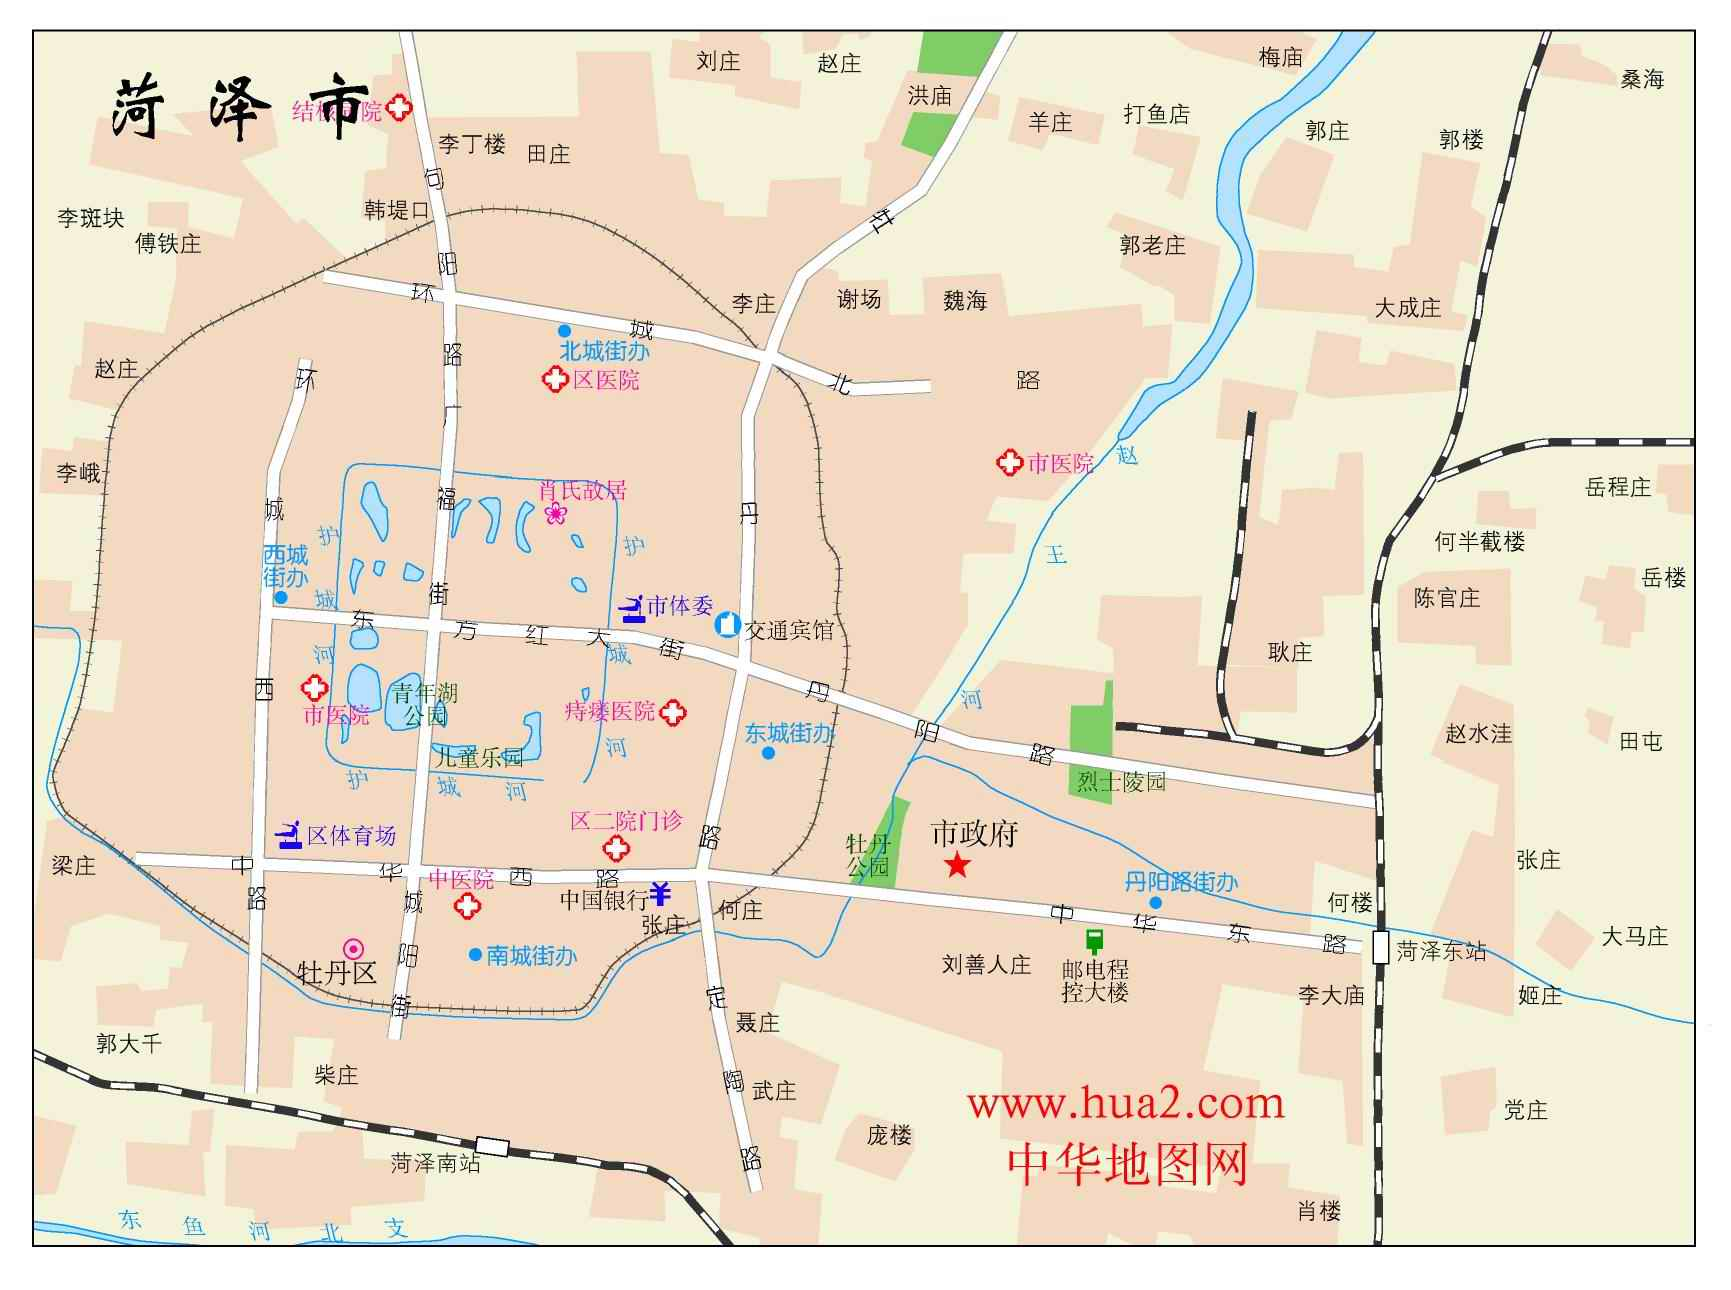 菏泽市市区地图